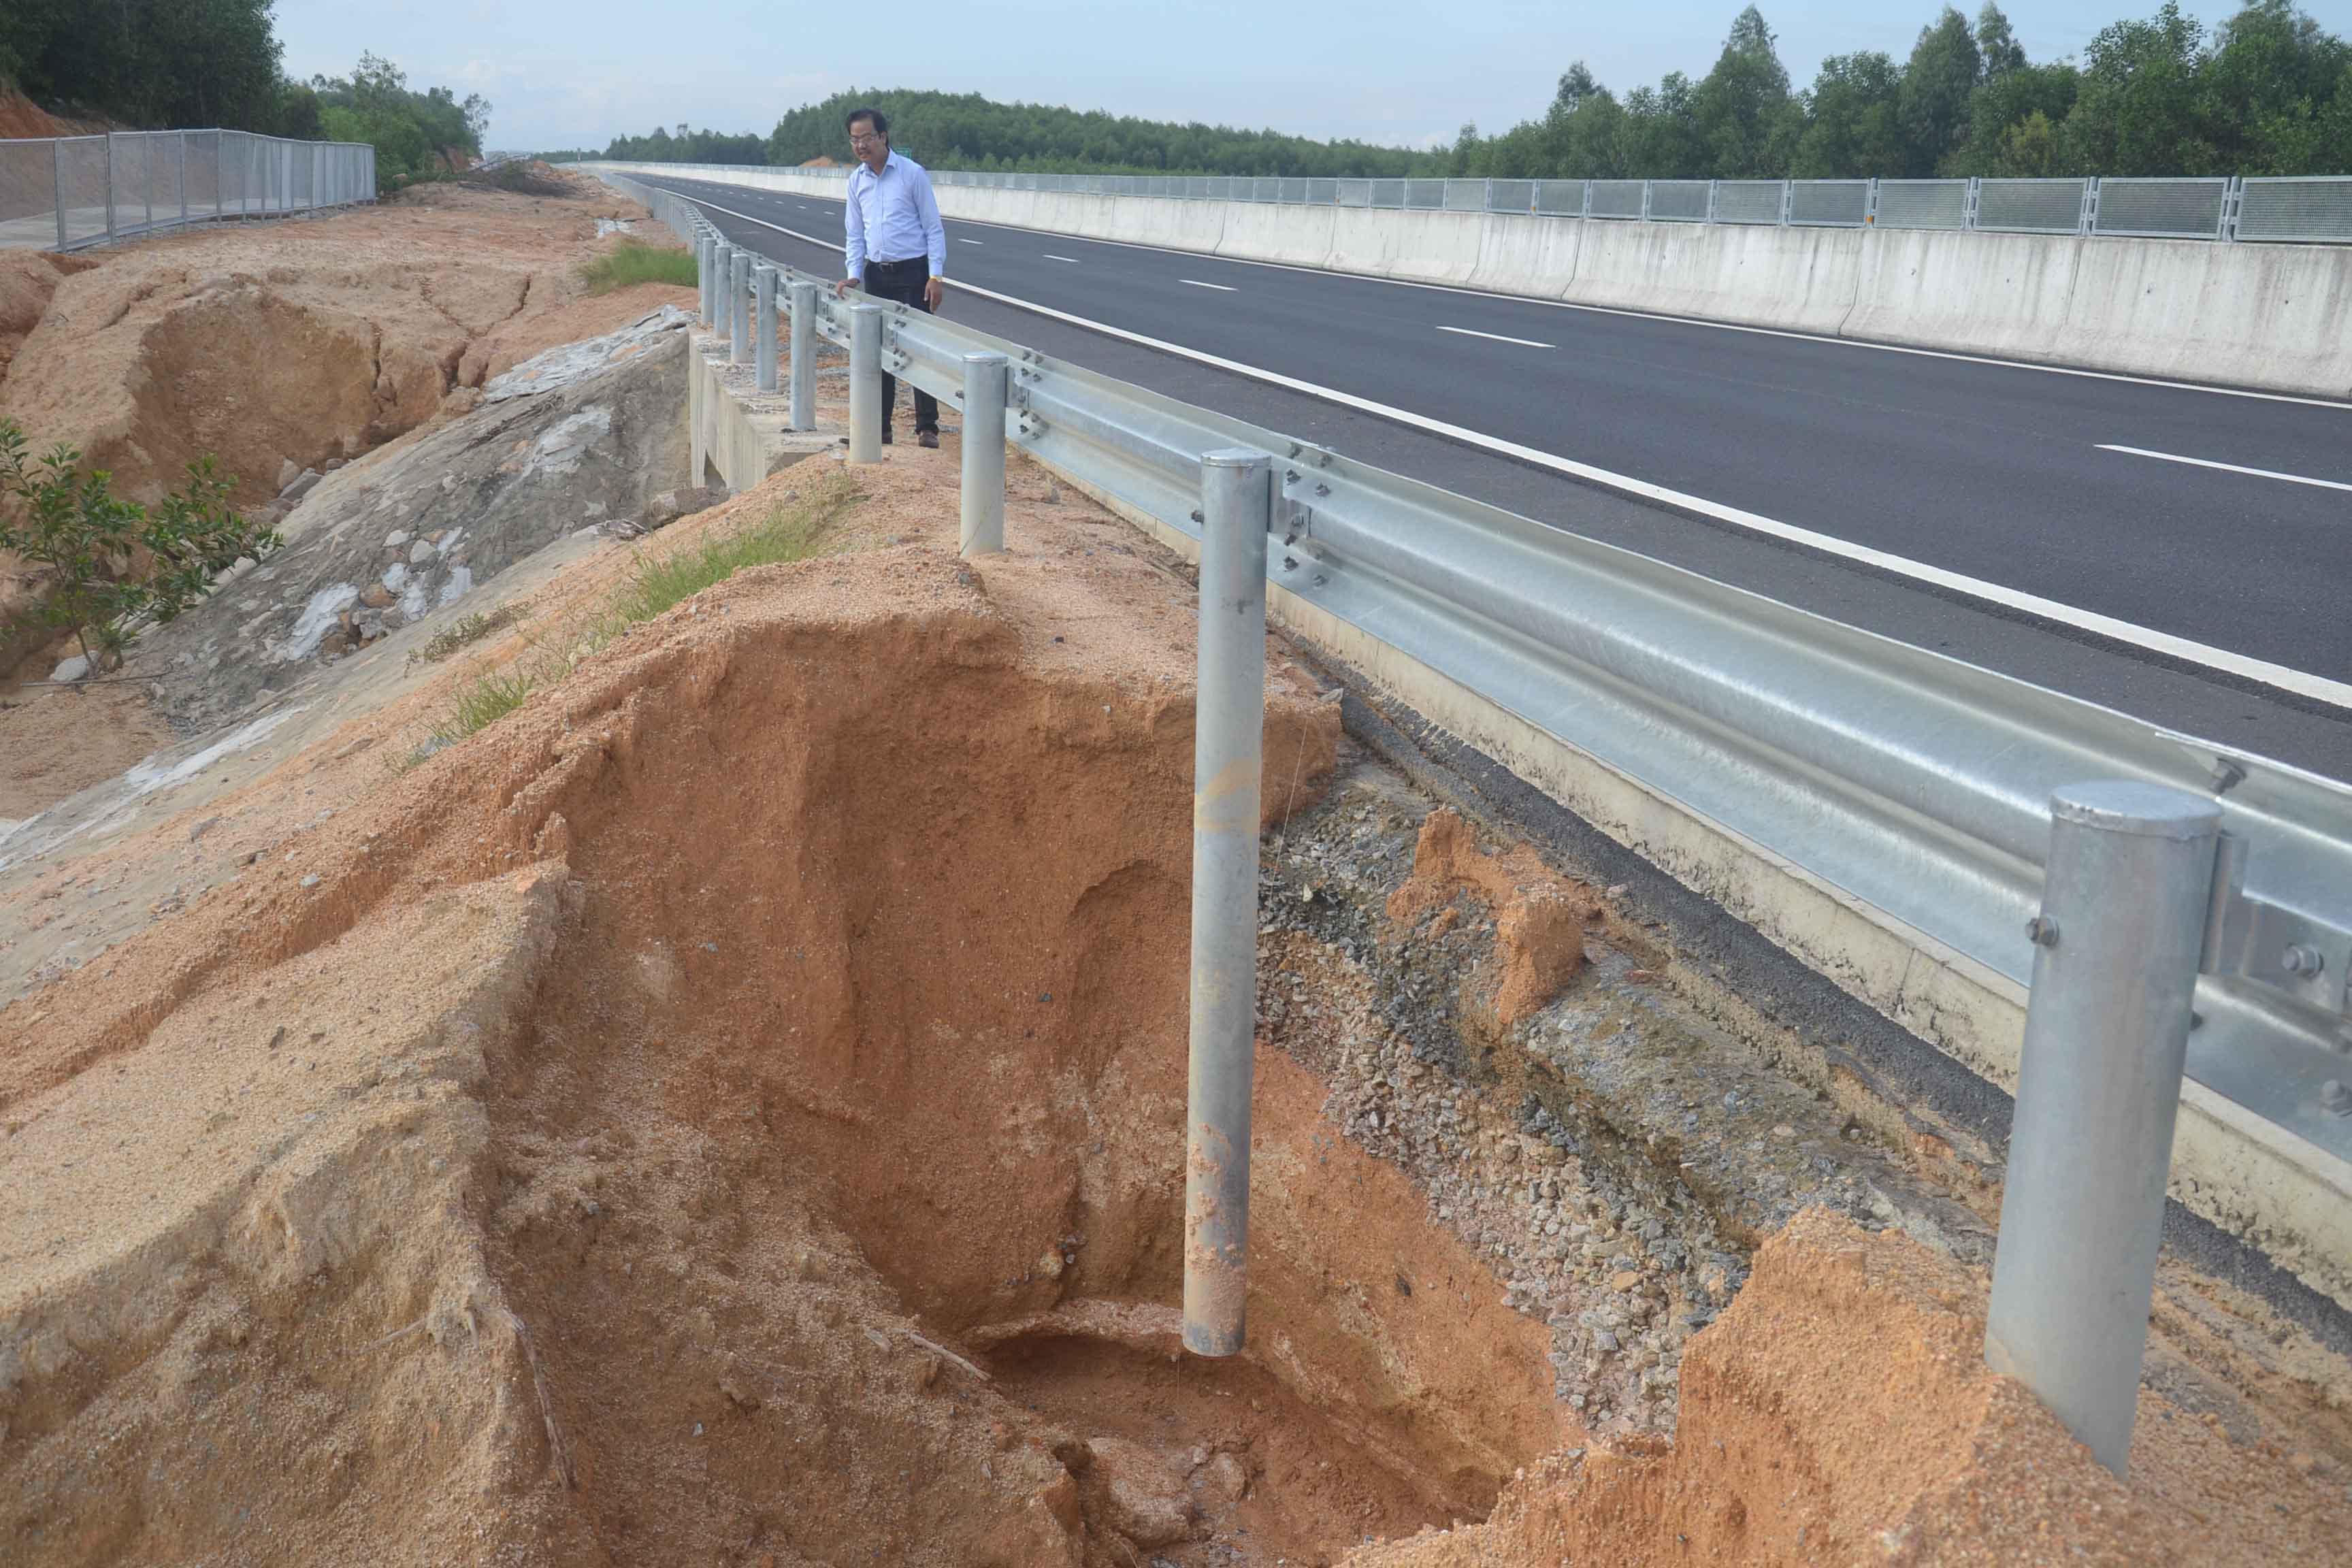 Cao tốc tỷ đô Đà Nẵng - Quảng Ngãi sạt lở sau 3 tháng thông xe là chuyện hết sức bình thường 1